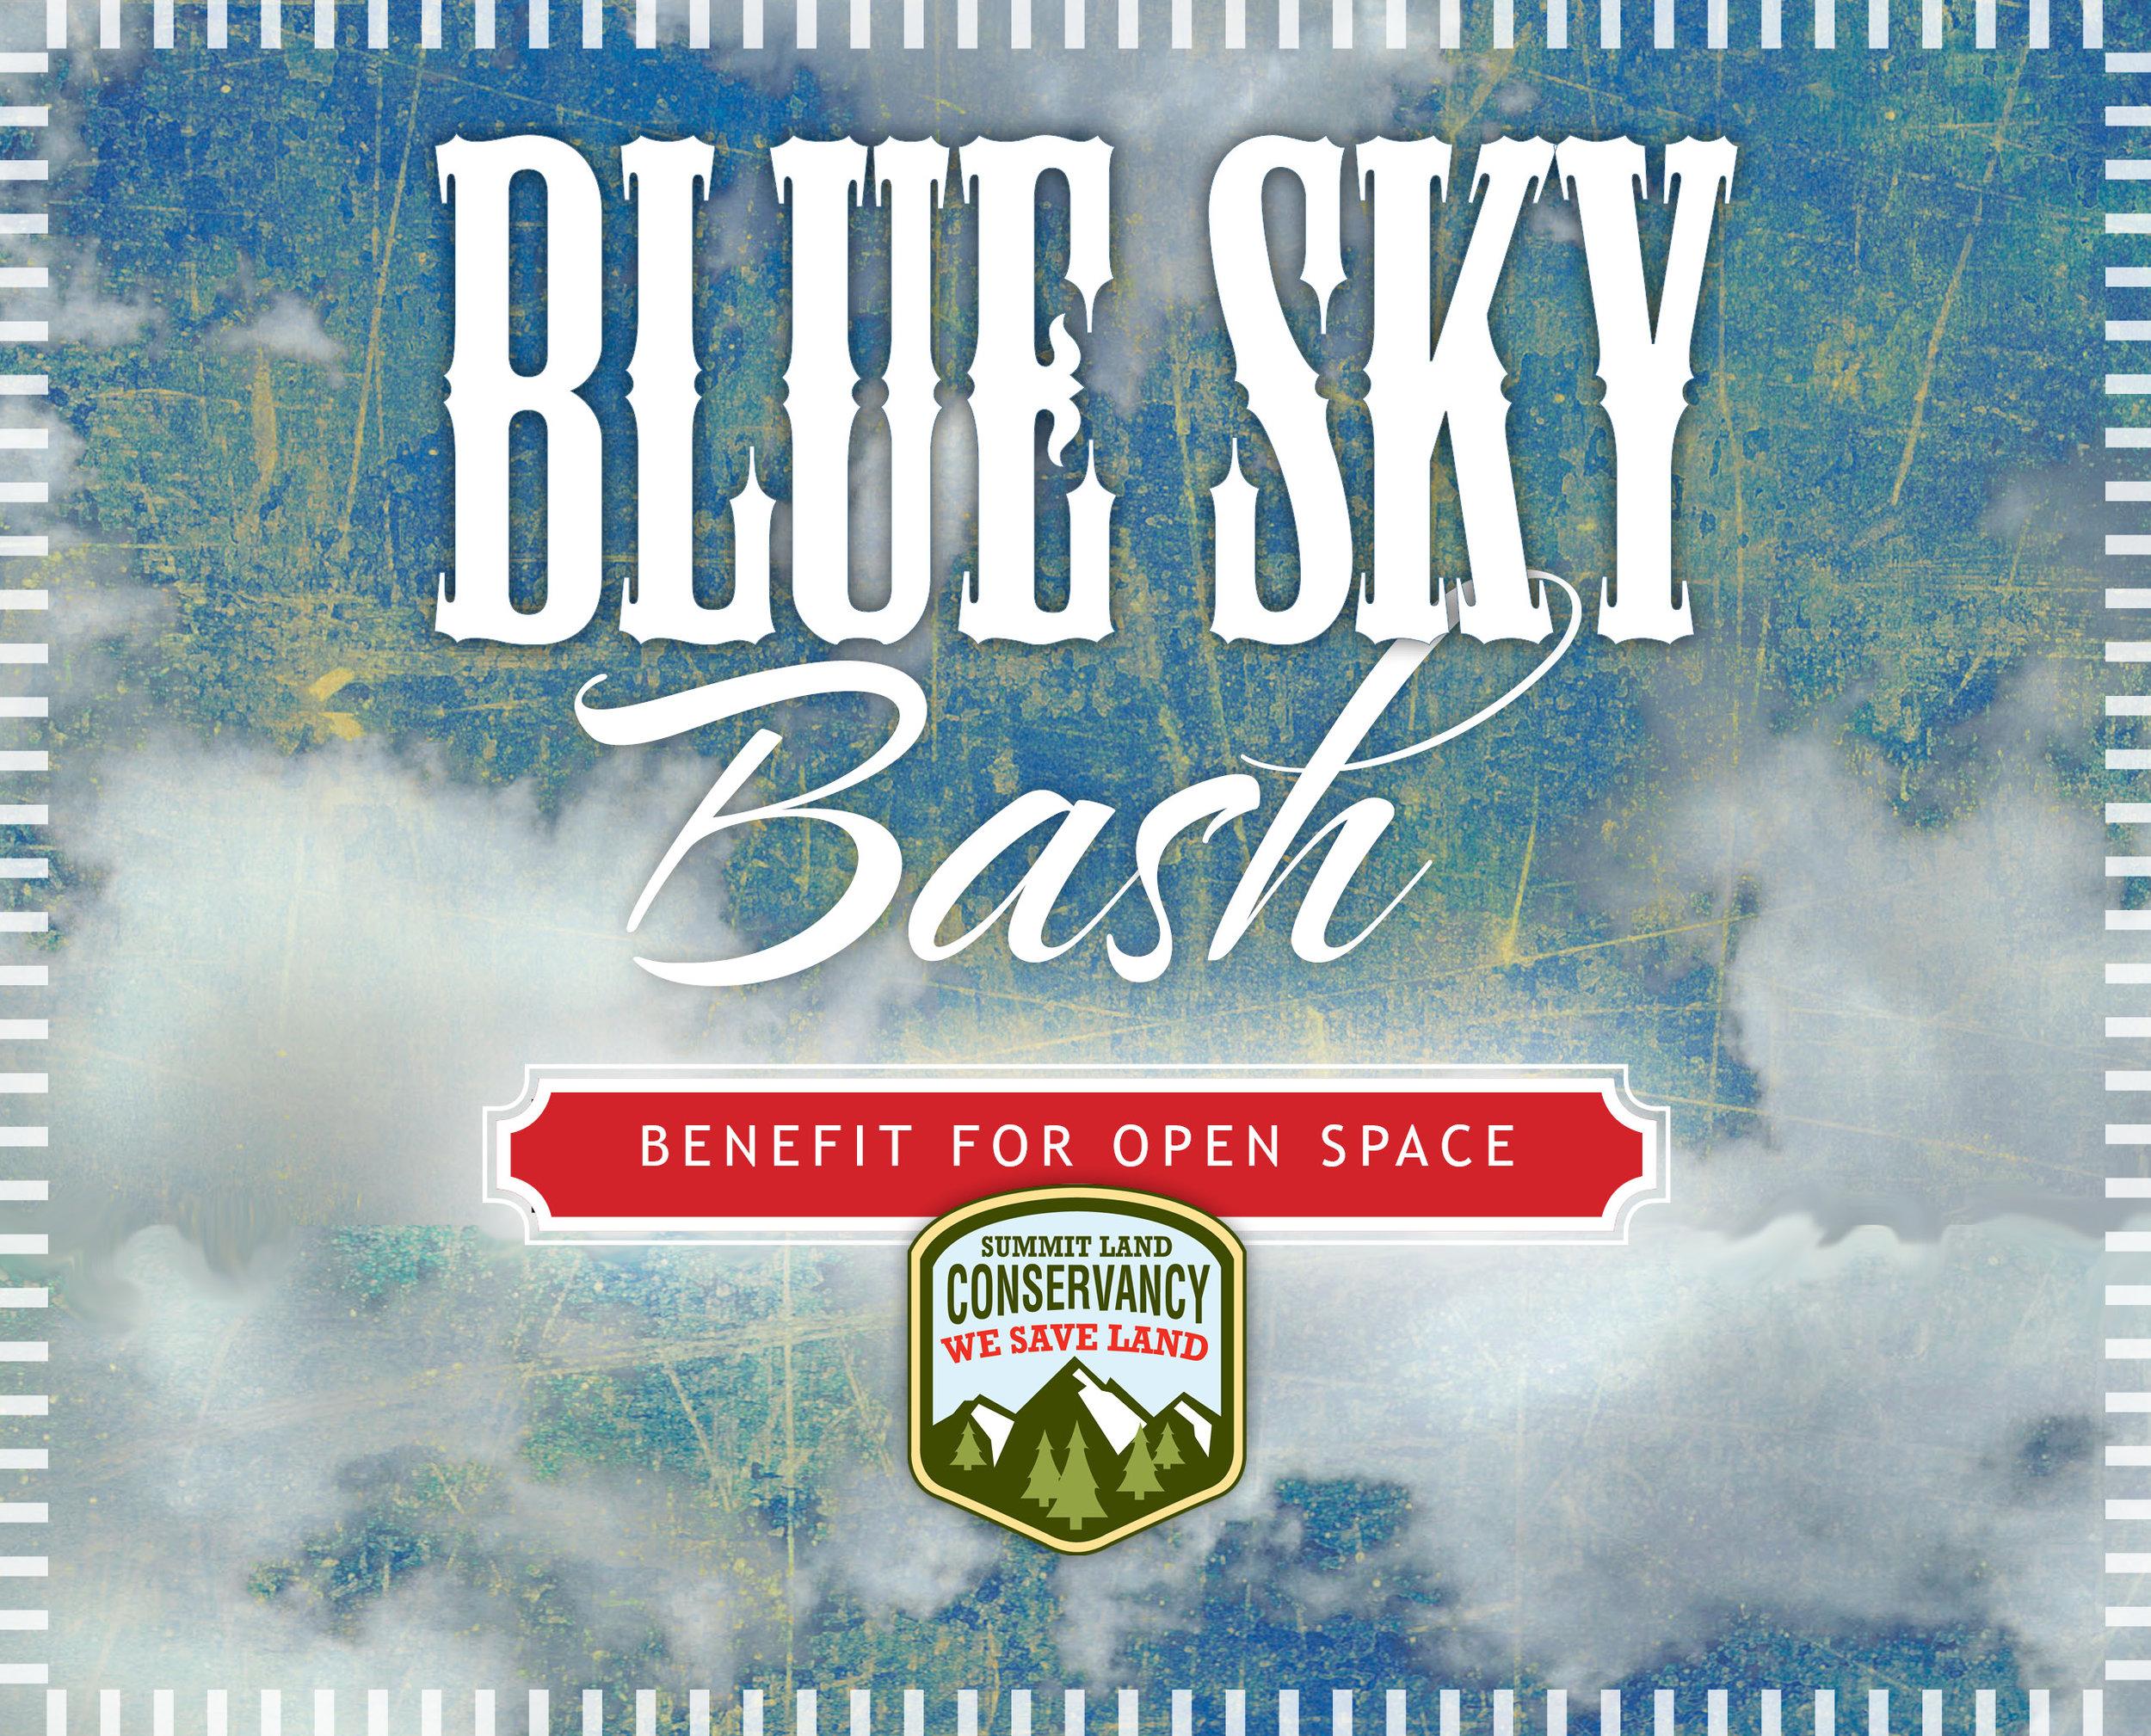 blue sky bash web logo.jpg